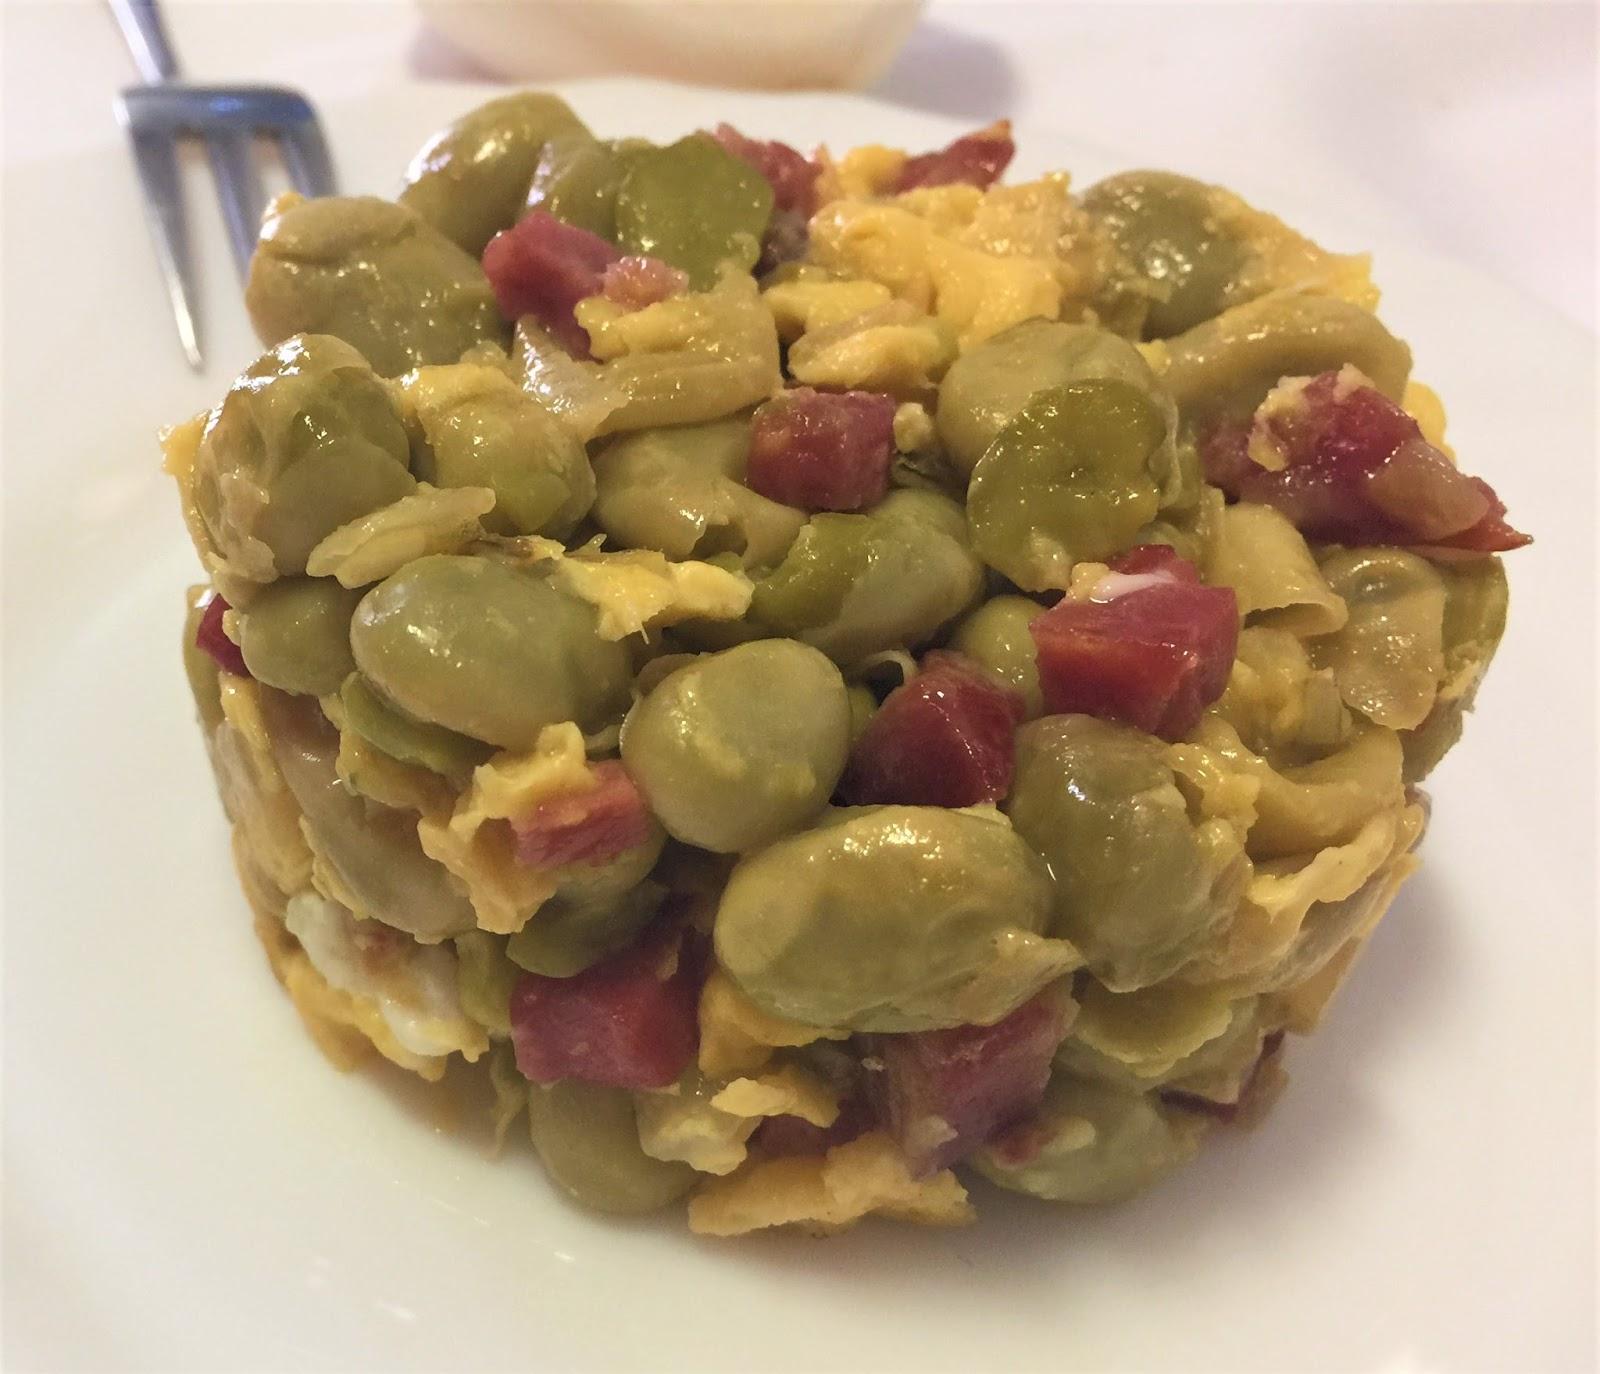 La cocina de merche borjas revuelto de habas frescas con - Habas frescas con jamon ...